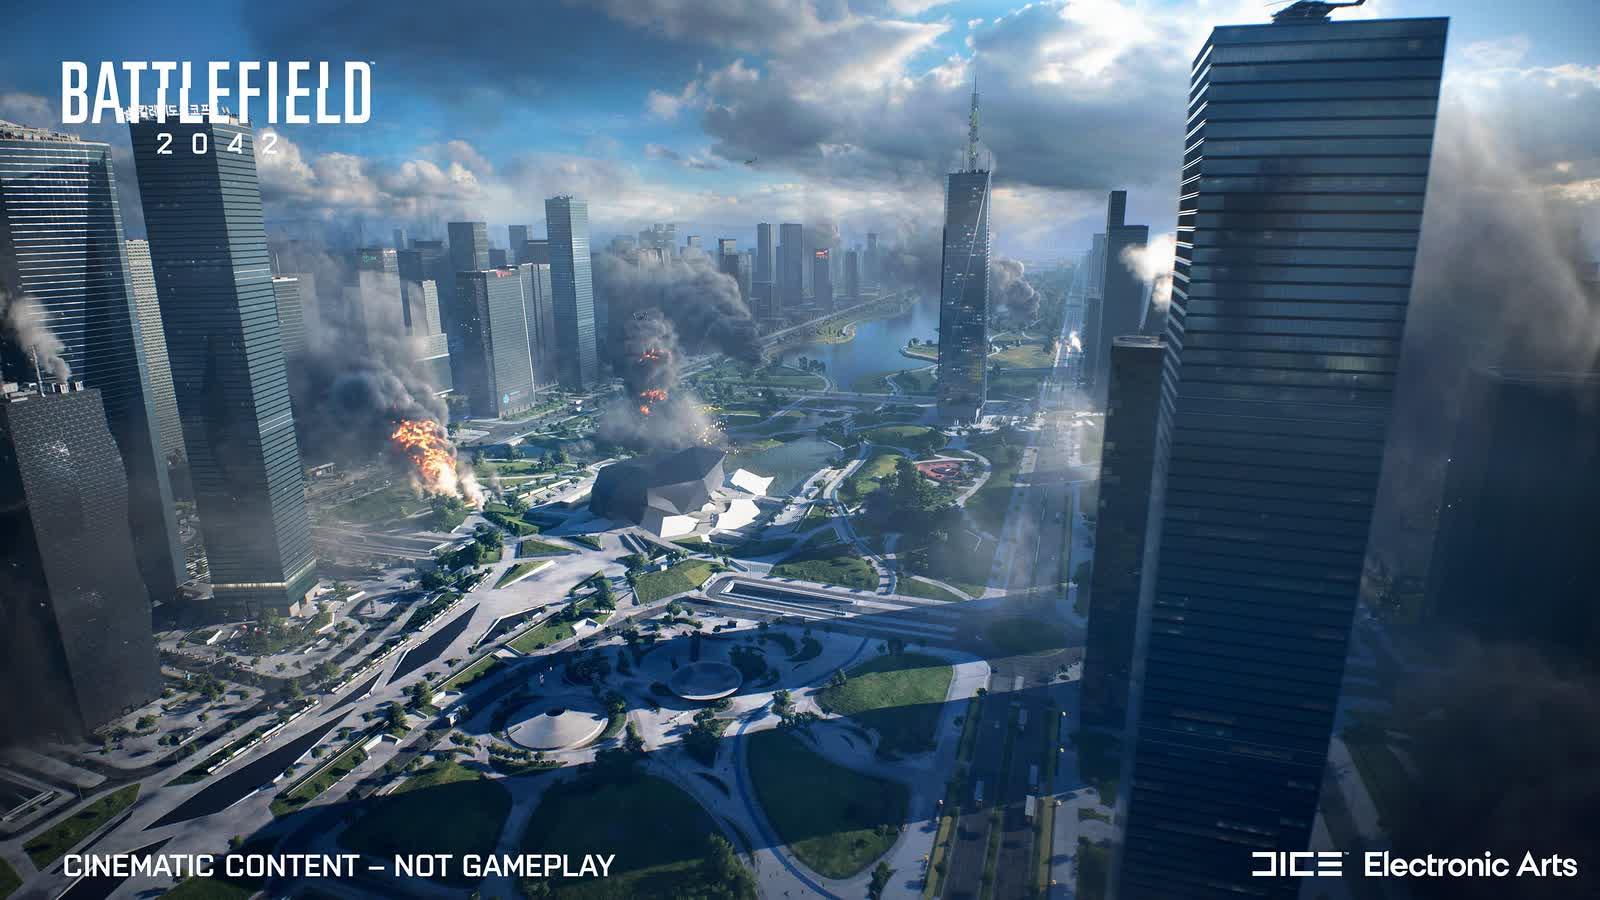 1623255848 618 Battlefield 2042 un jeu de tir multijoueur futuriste avec